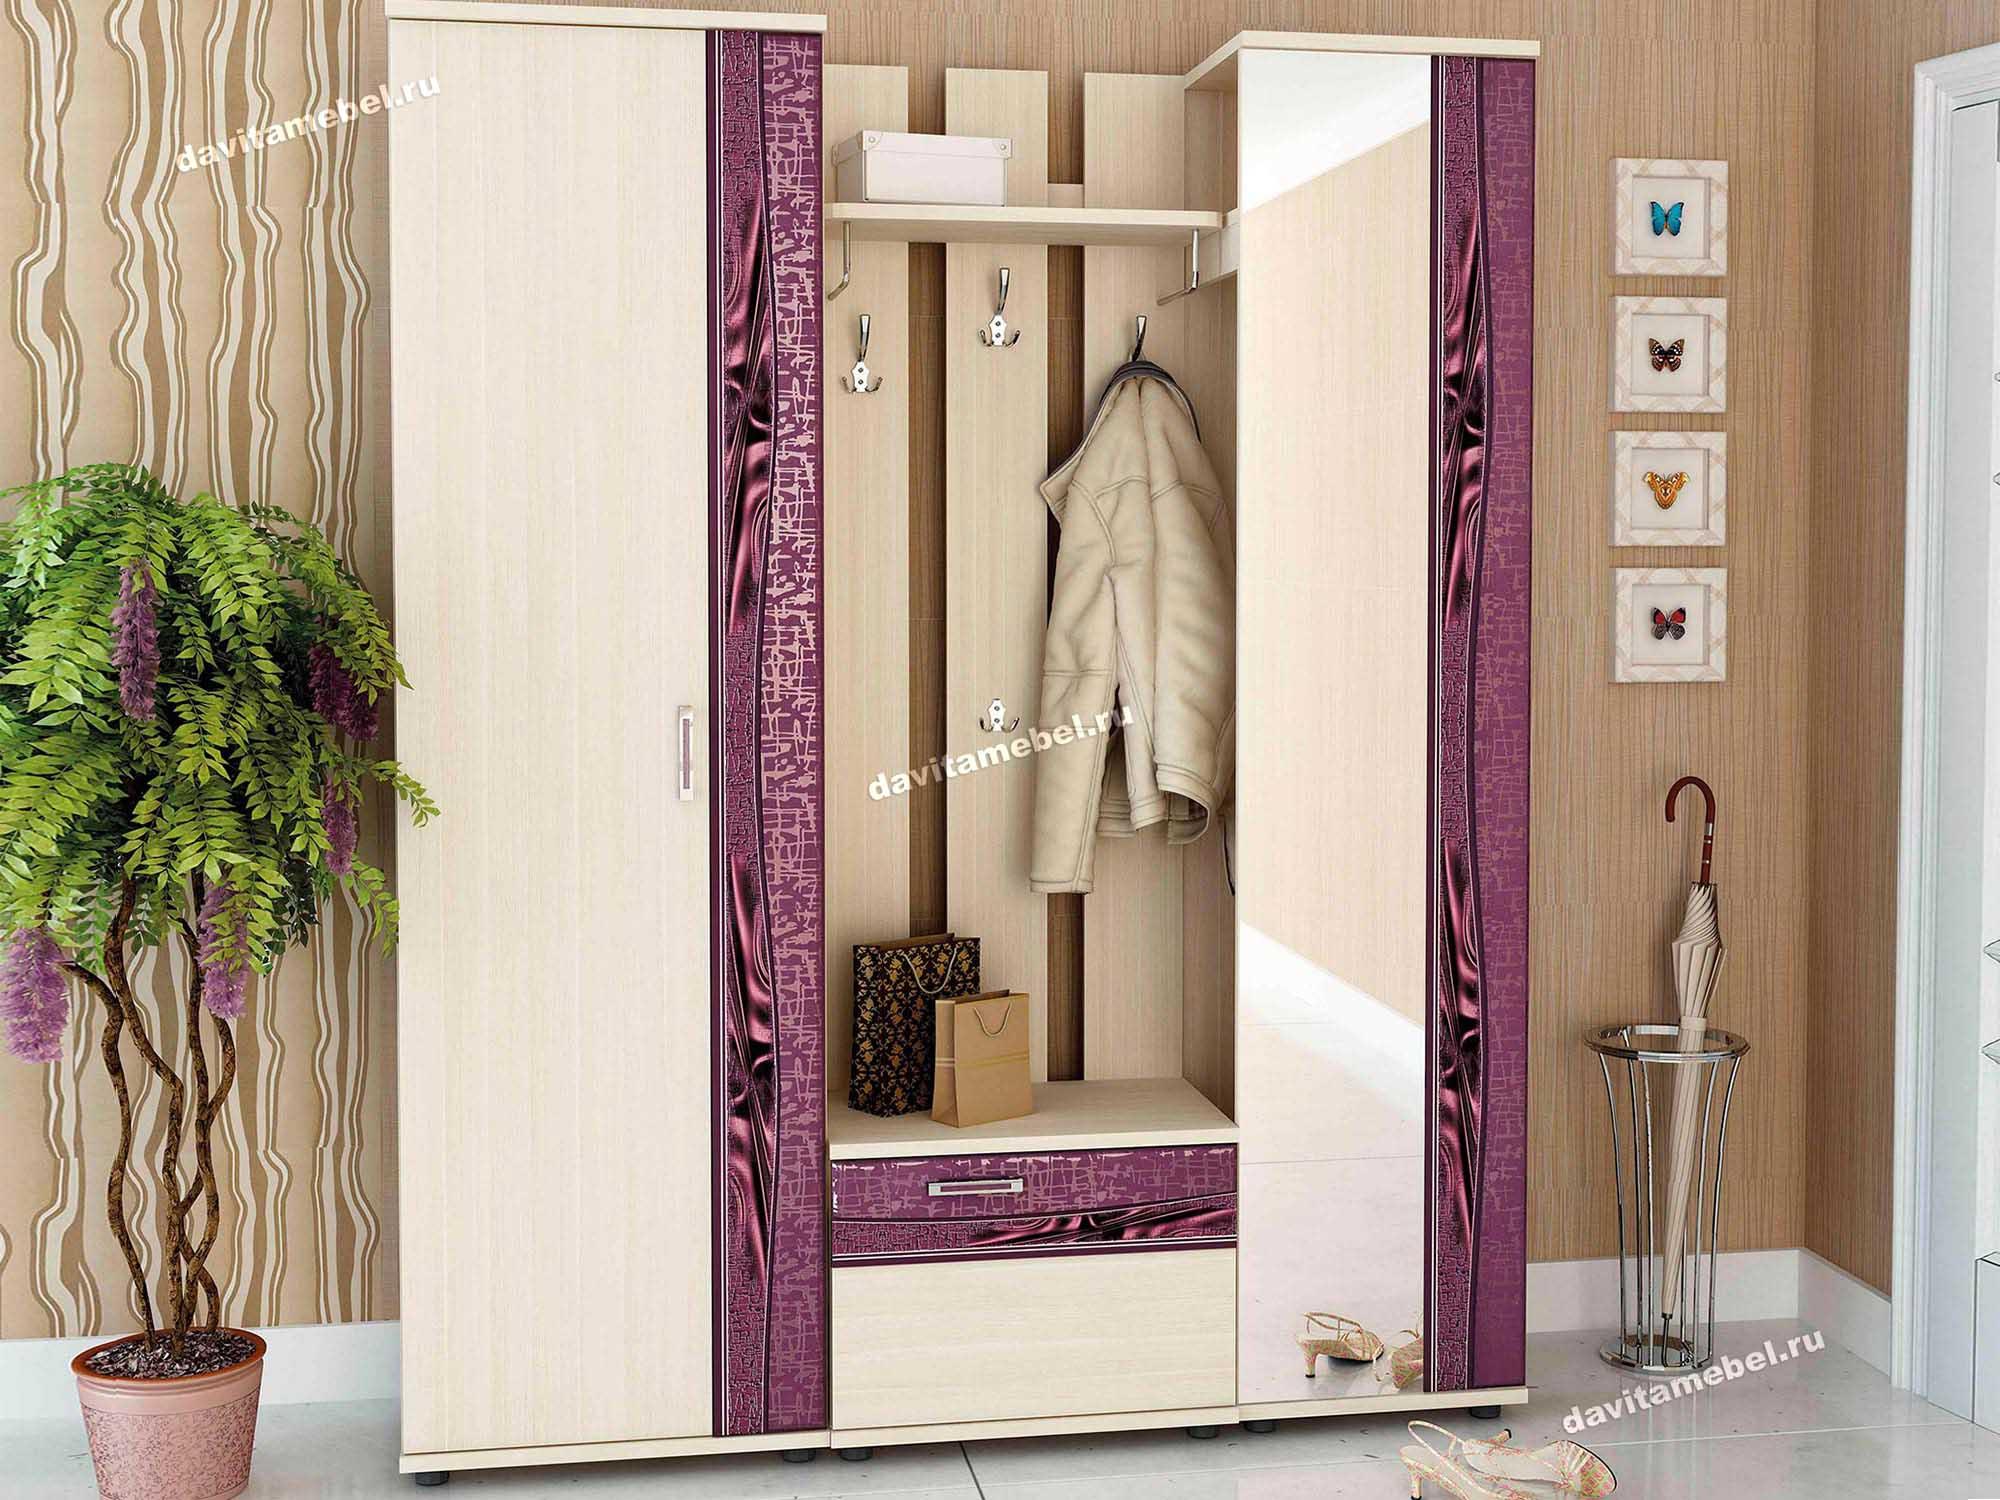 Набор мебели для прихожей маргарита 3 купить в спб, новоалта.